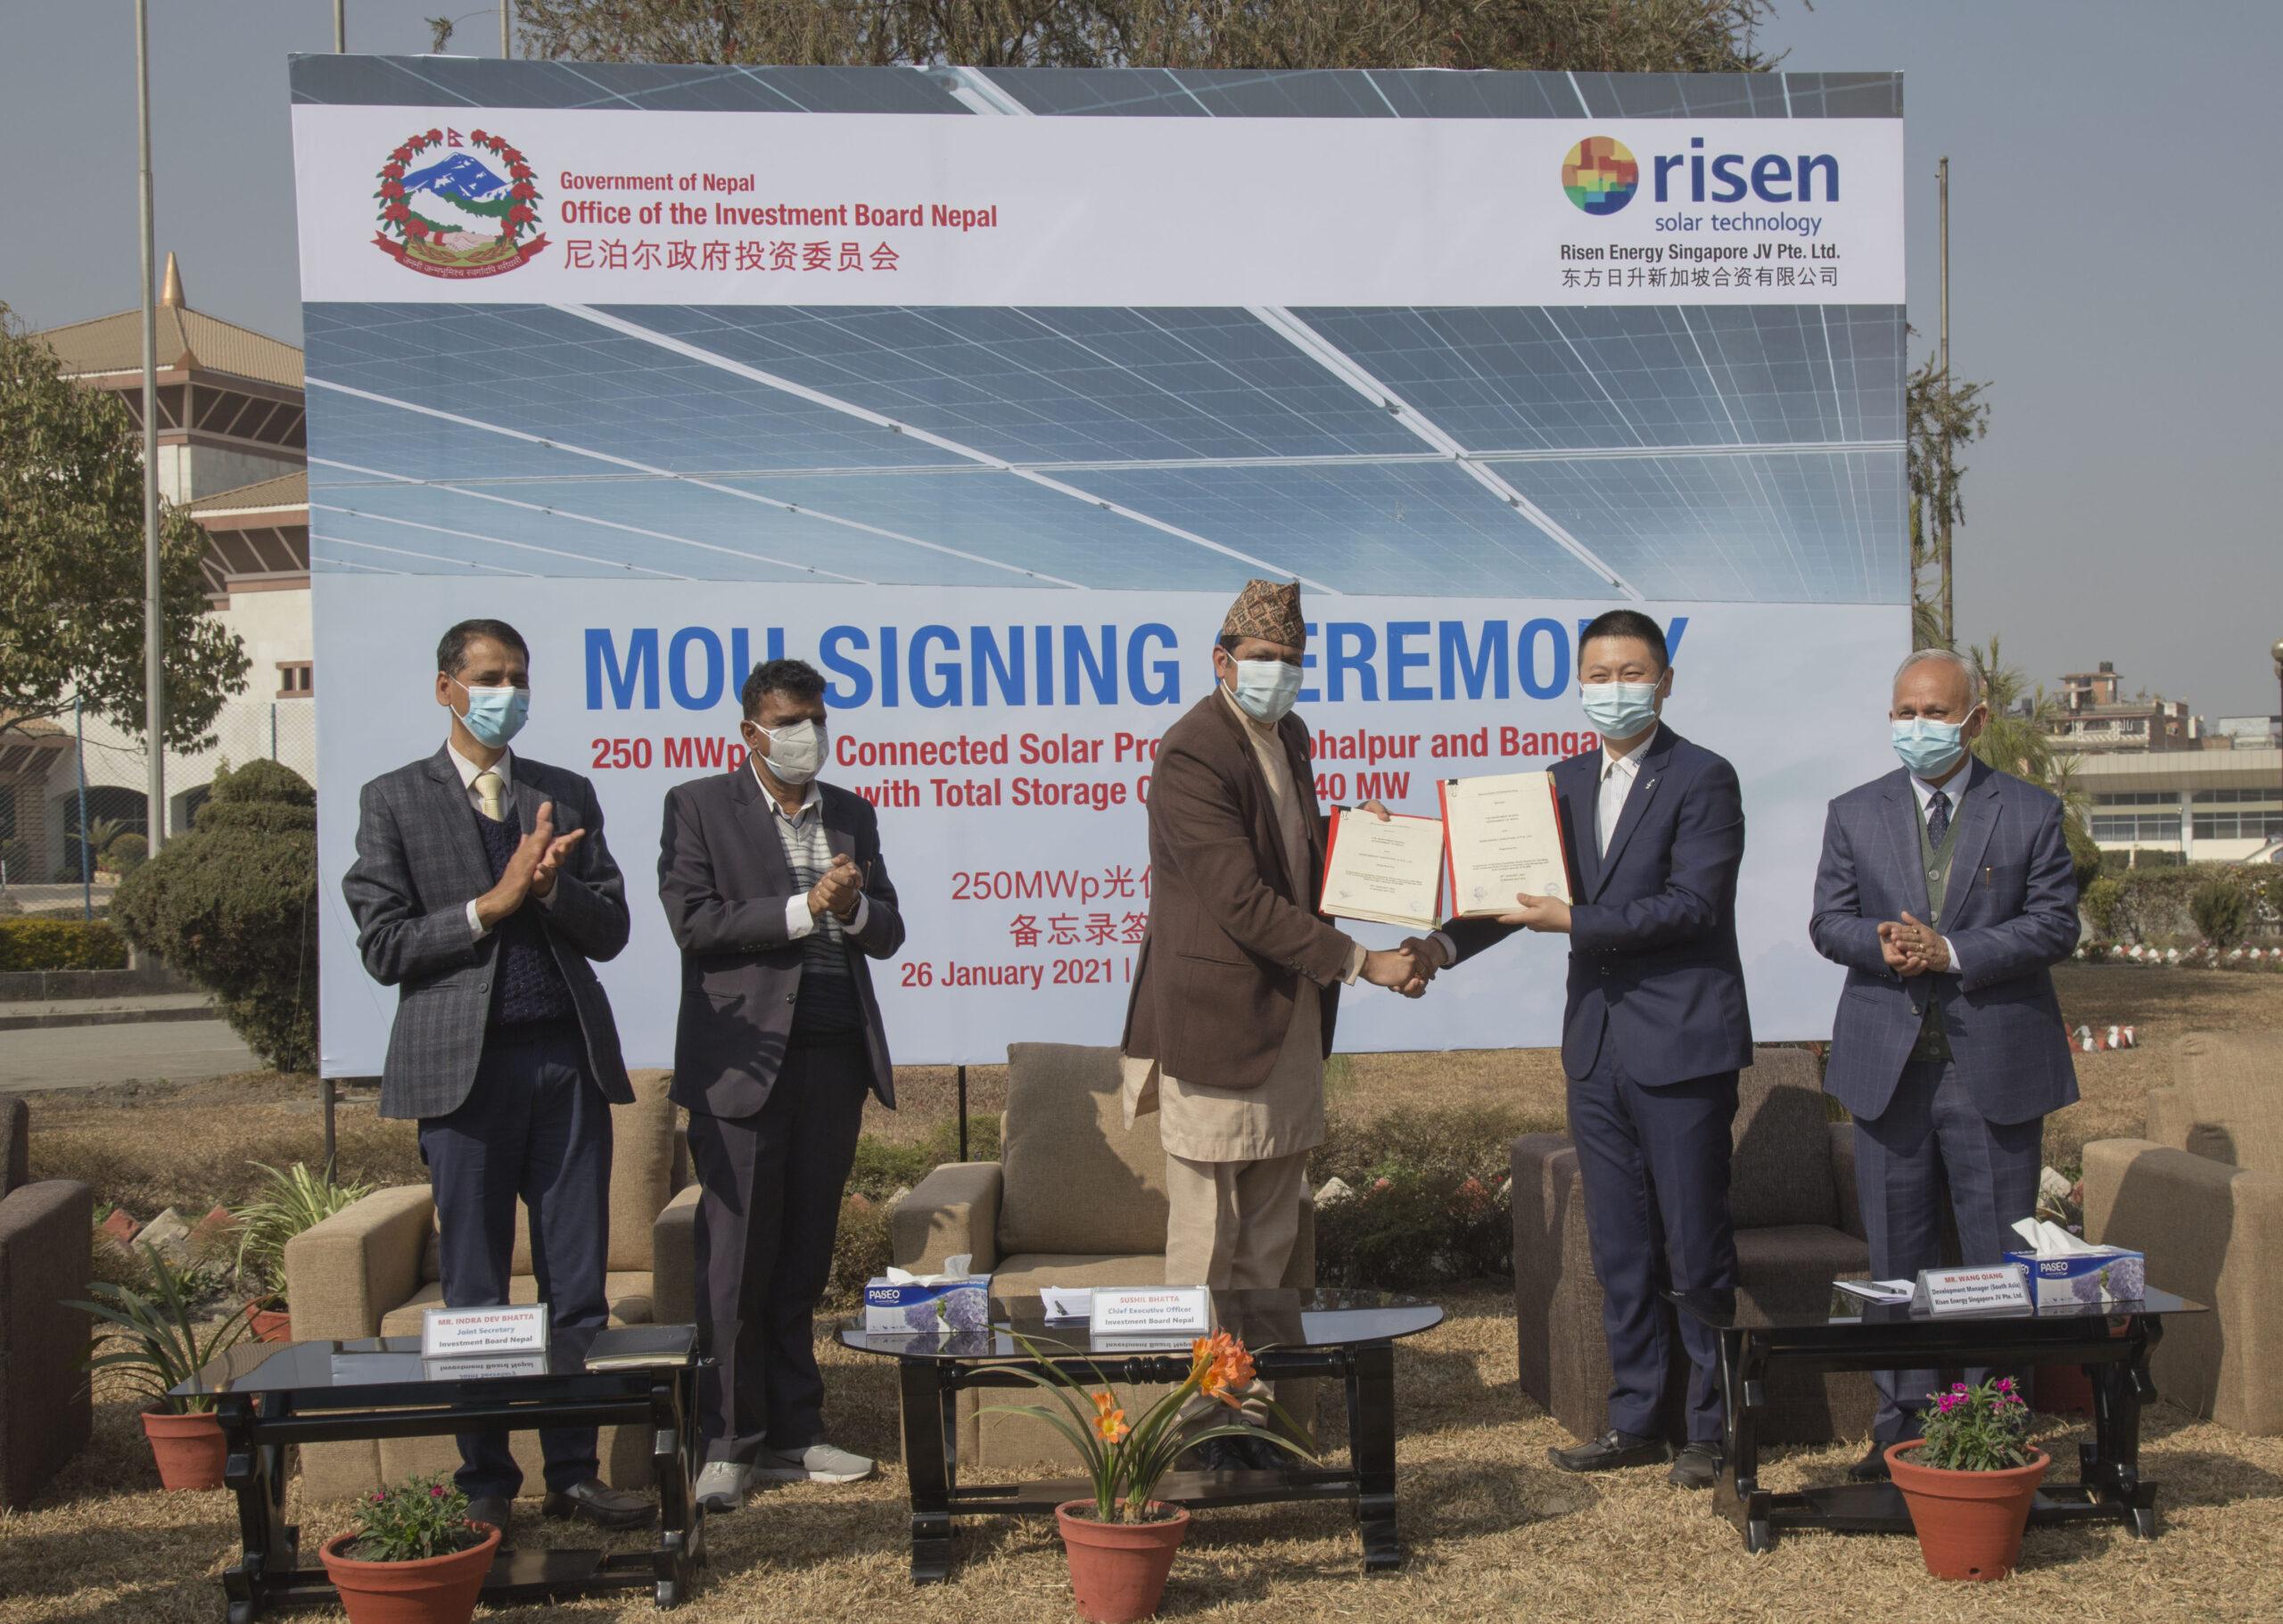 बाँके र कपिलवस्तुमा २५० मेगावाटको सौर्य ऊर्जा परियोजना बनाउन समझदारीपत्रमा हस्ताक्षर